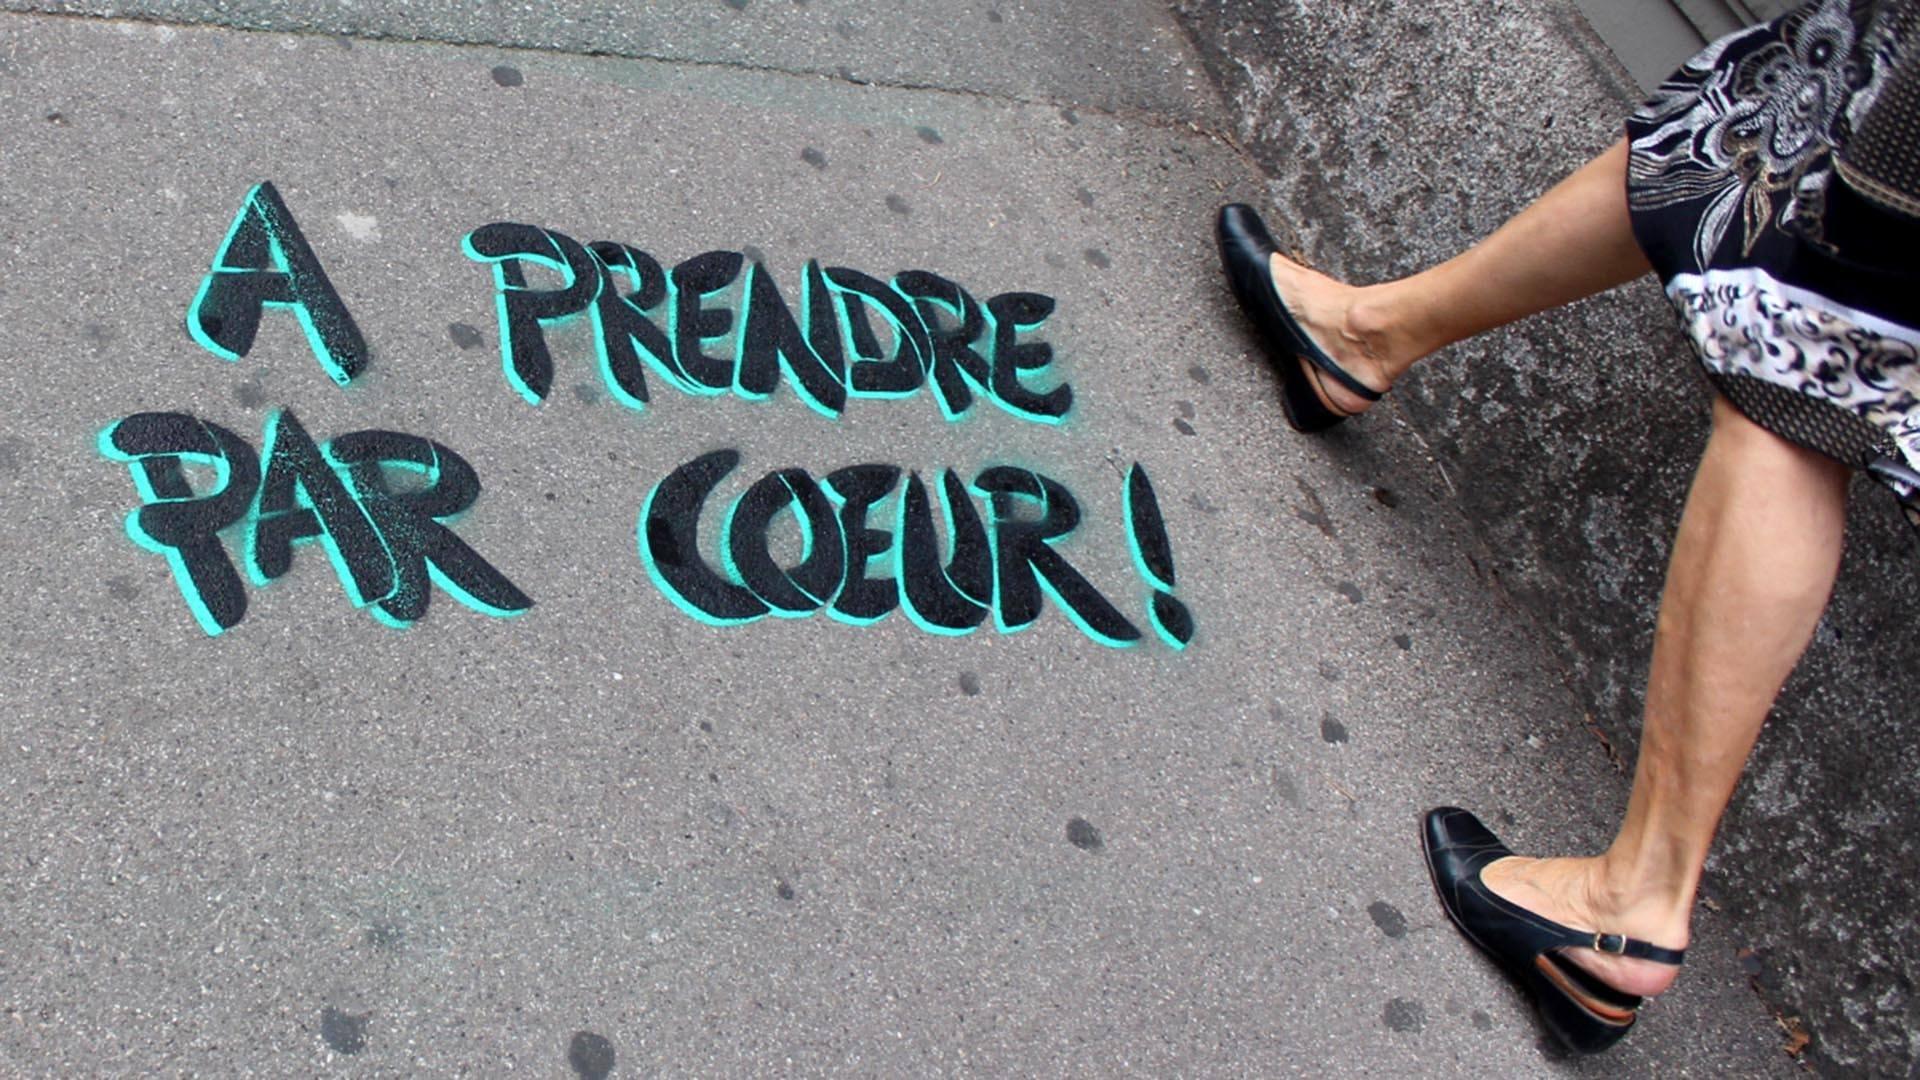 Pierre Fraenkel un poète dans la ville : jeu de mot au sol